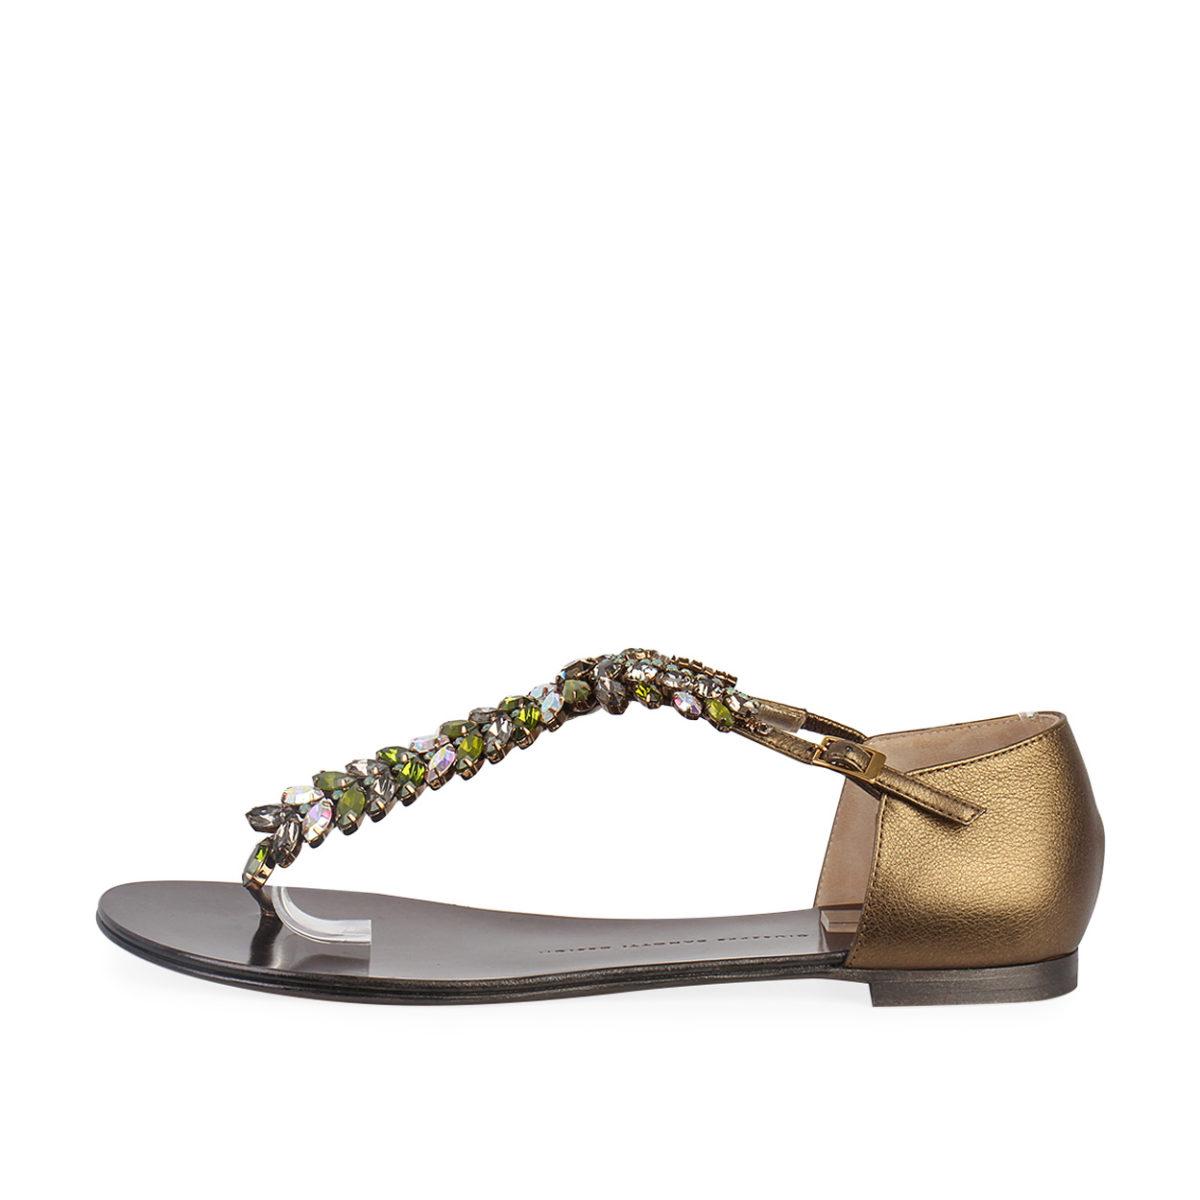 1a43b827cba31 GIUSEPPE ZANOTTI Metallic Leather Jewel Embellished Flat Sandals - S ...